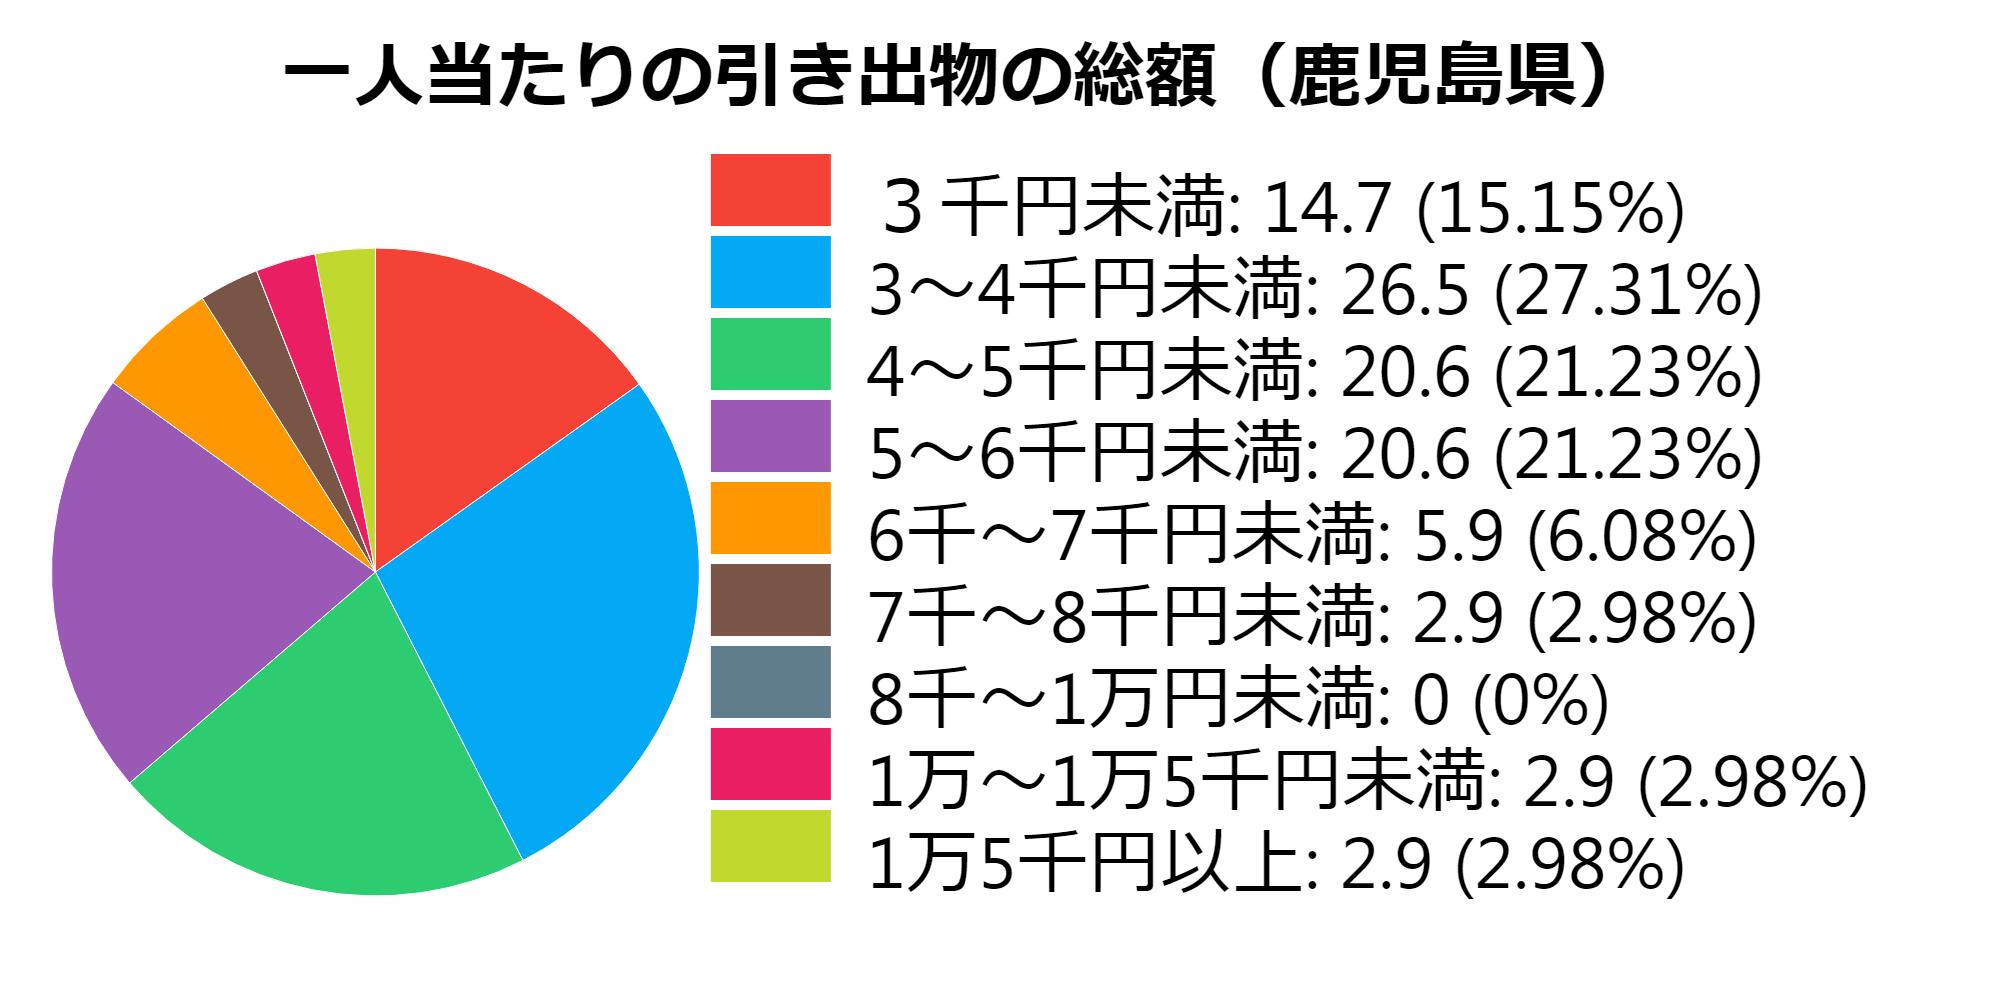 総額(鹿児島県)